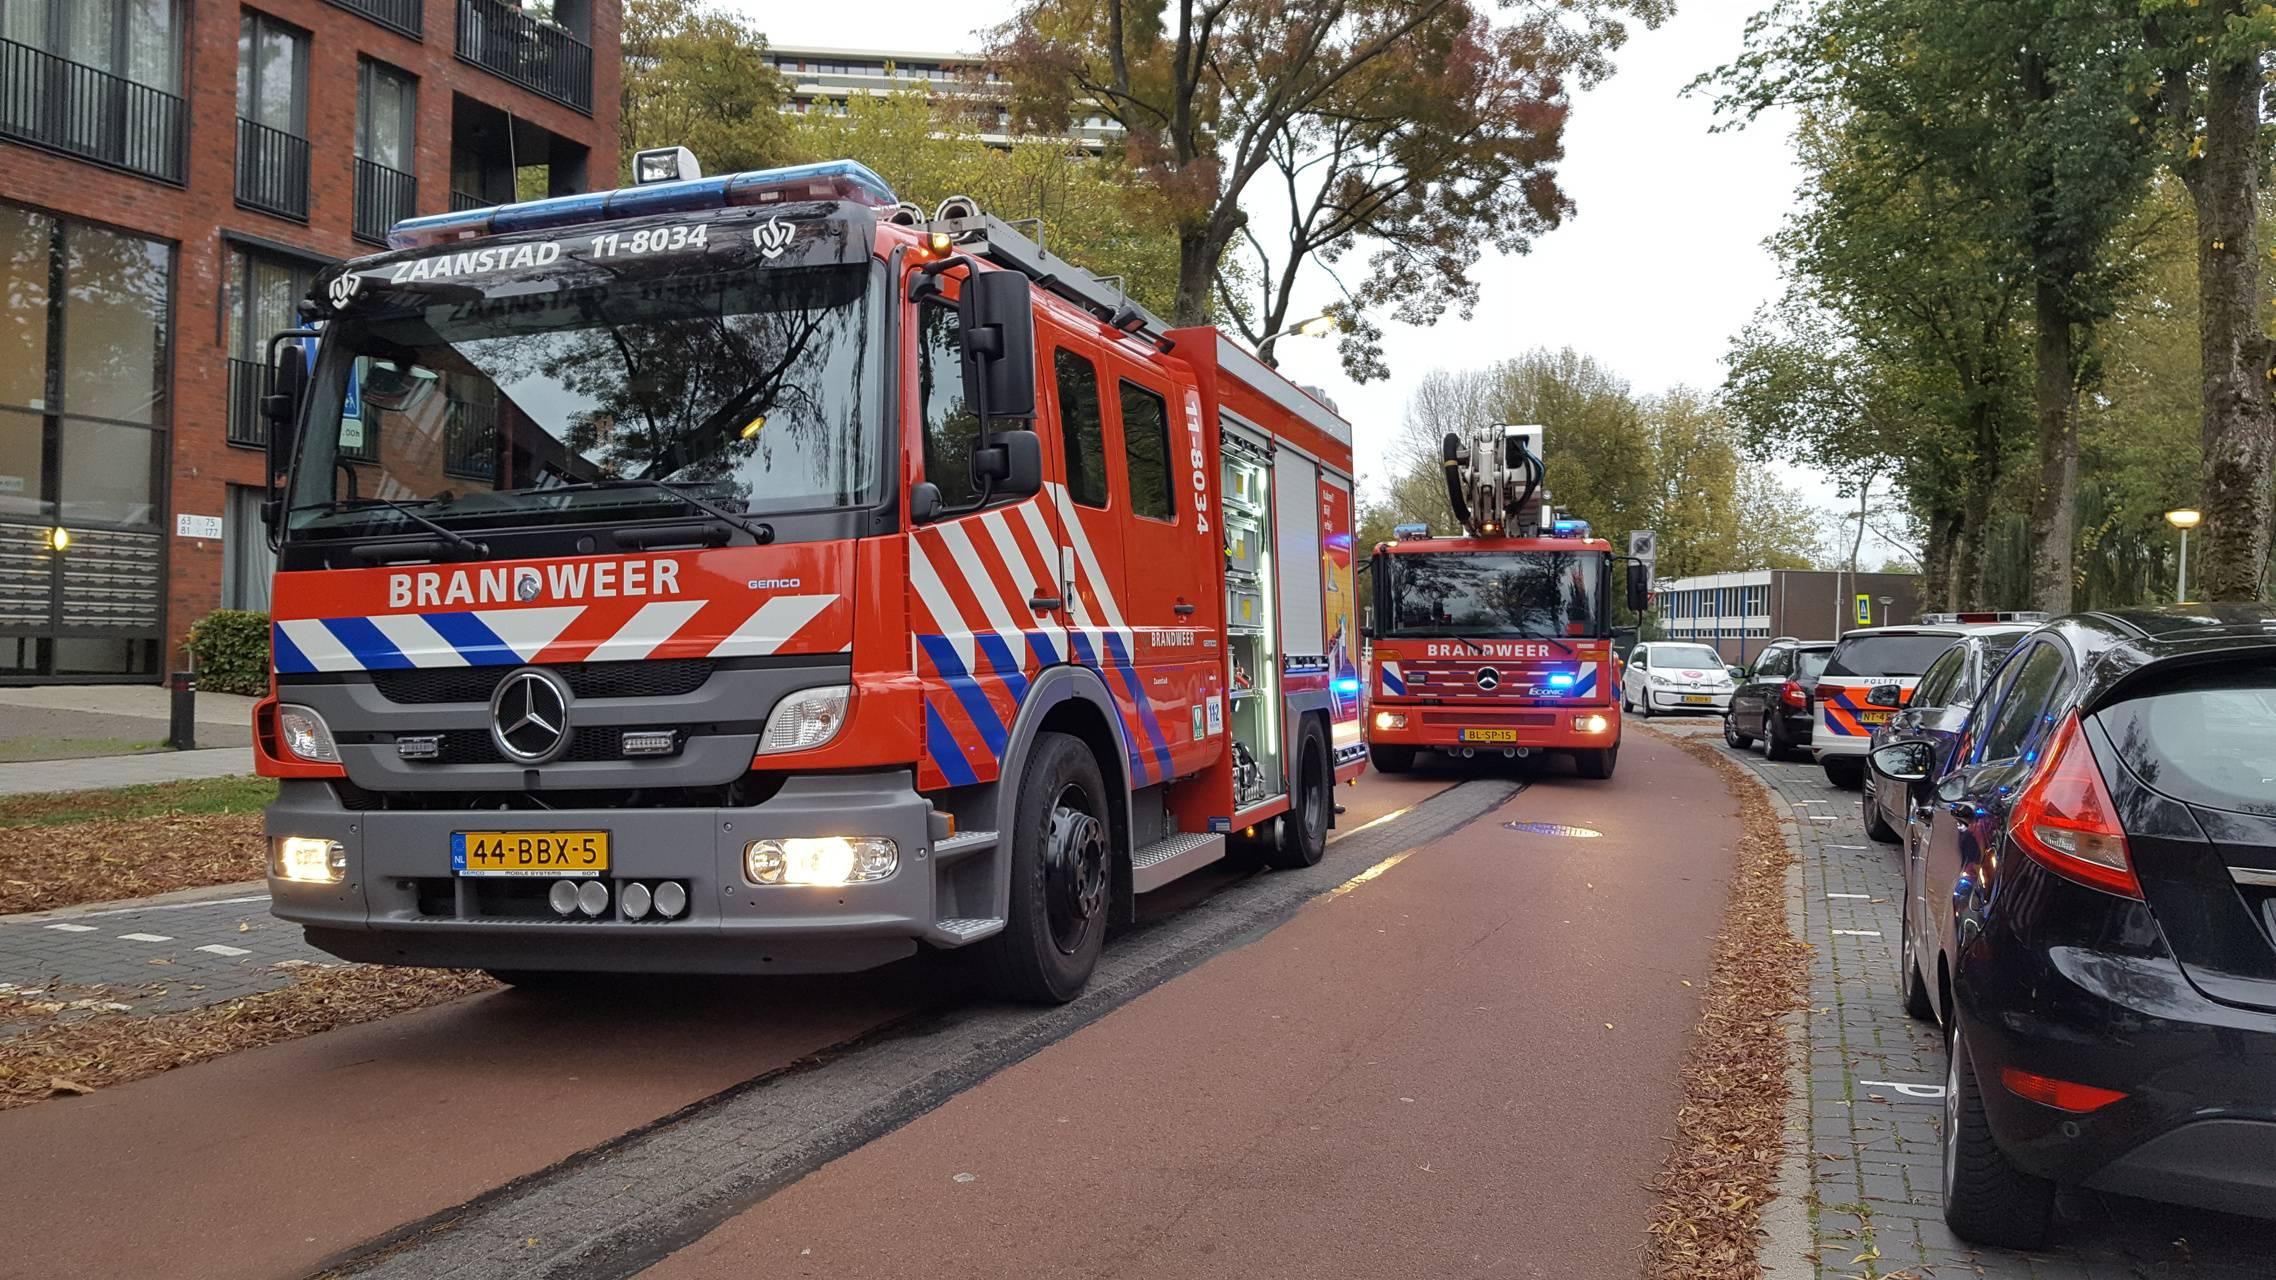 Brandweer 11-8034